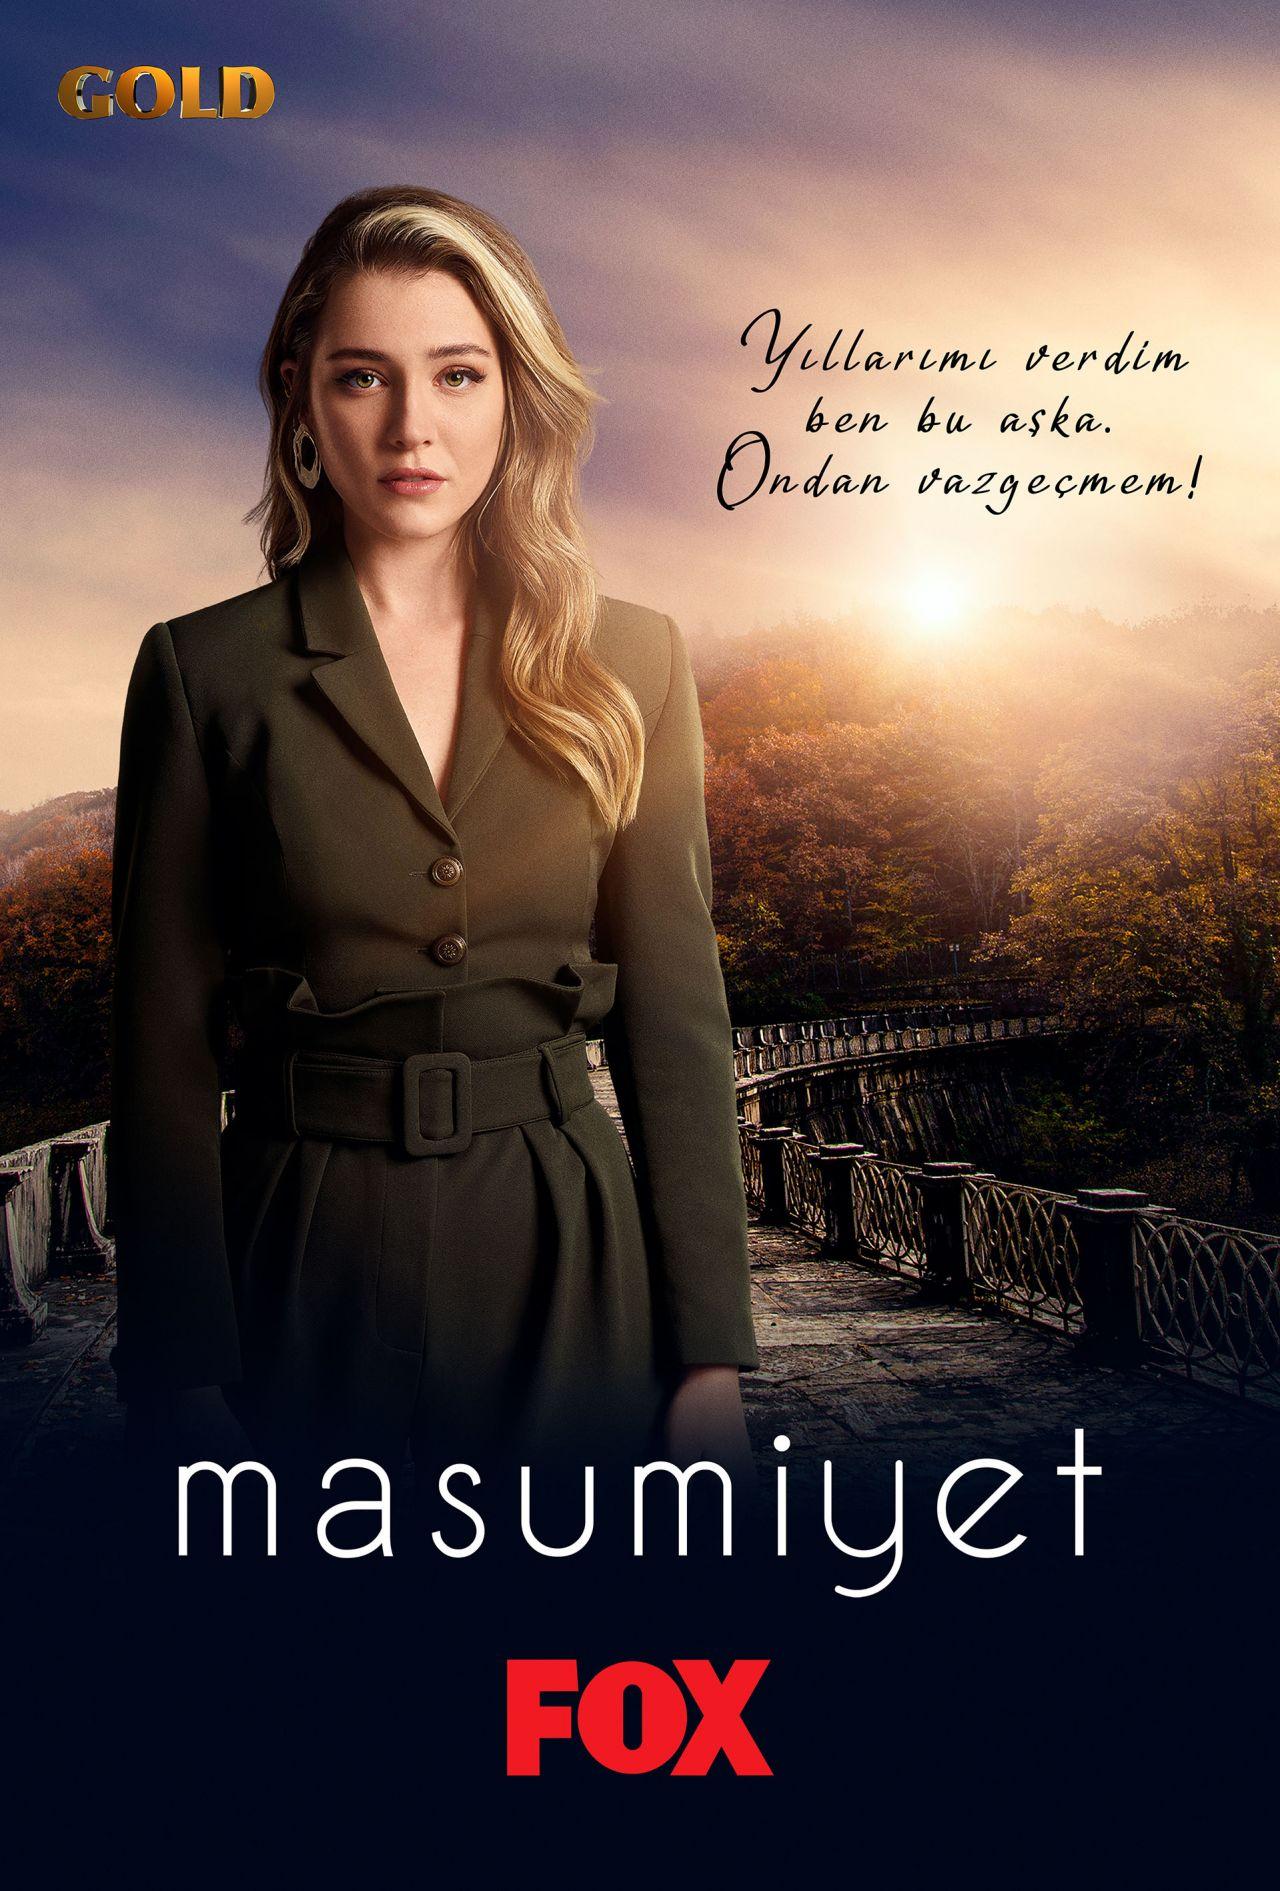 Masumiyet'in İrem'inden Mehmet Aslantuğ'a övgüler - Sayfa:2